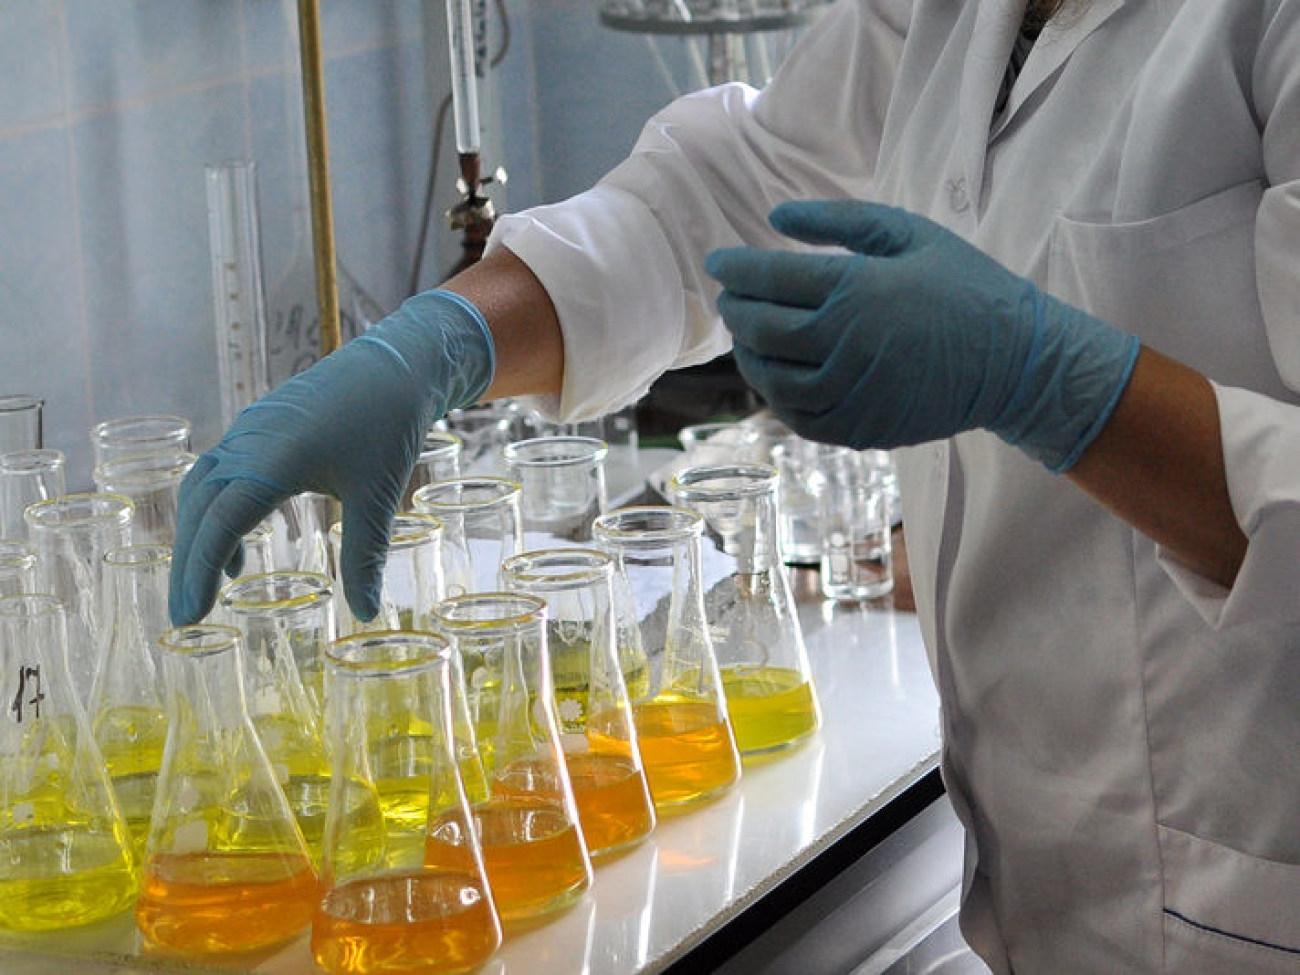 去除水质样品中的色度杂质